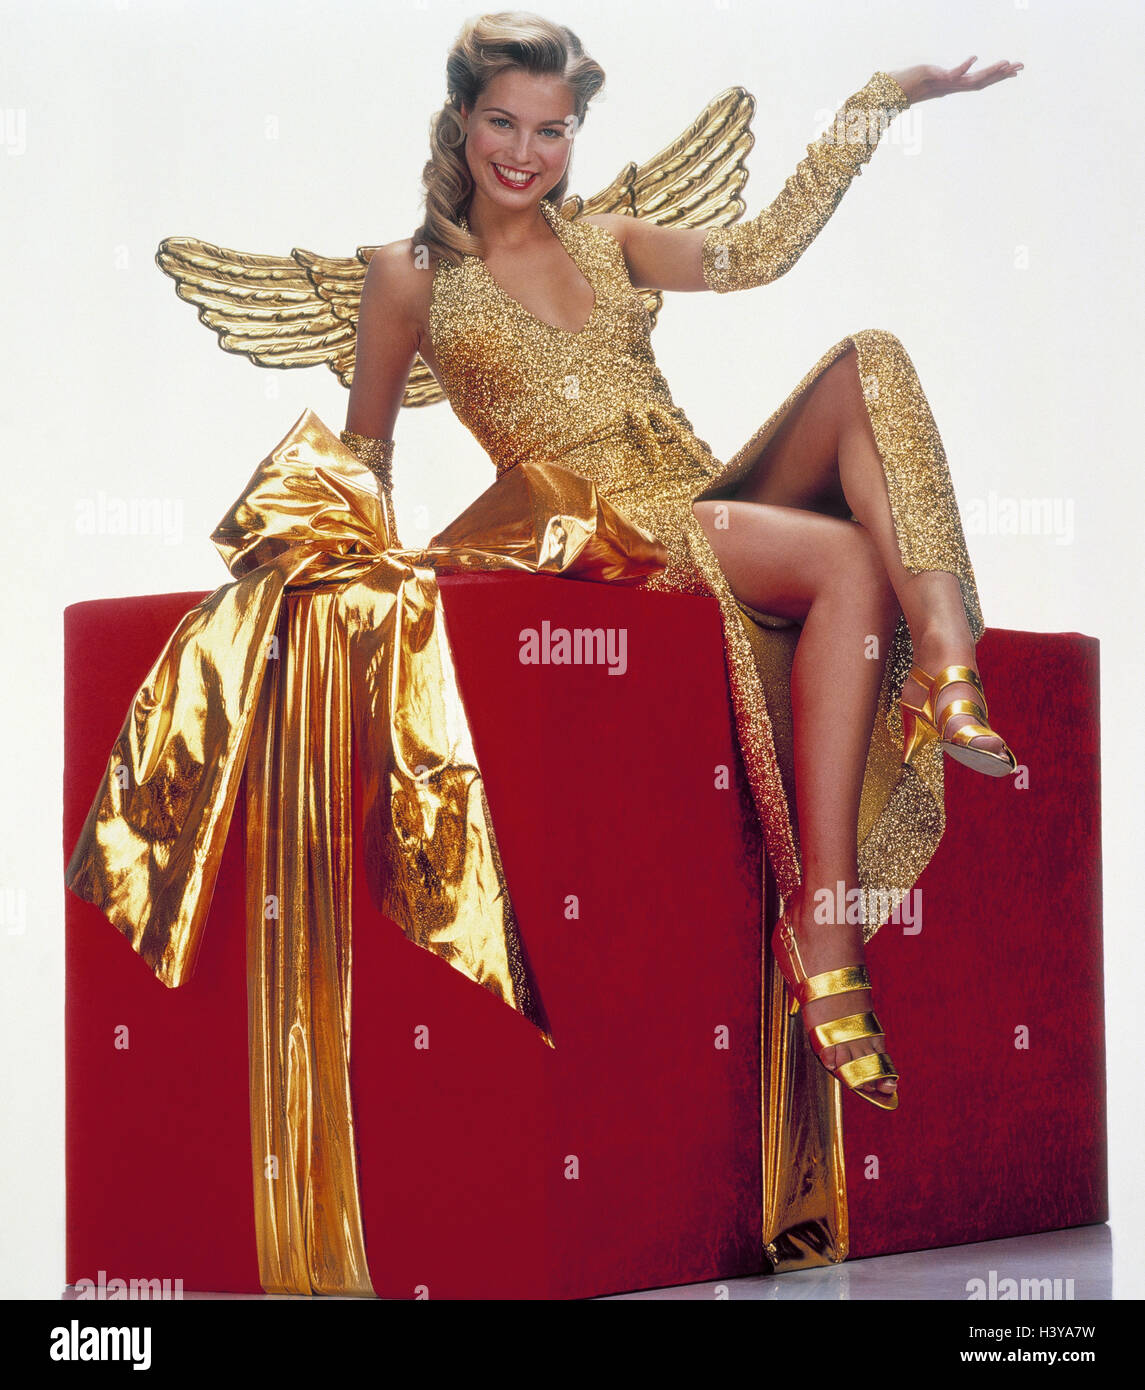 Weihnachten, Geschenk, Übergröße, Frau, Engel, Geste, Geschenke ...